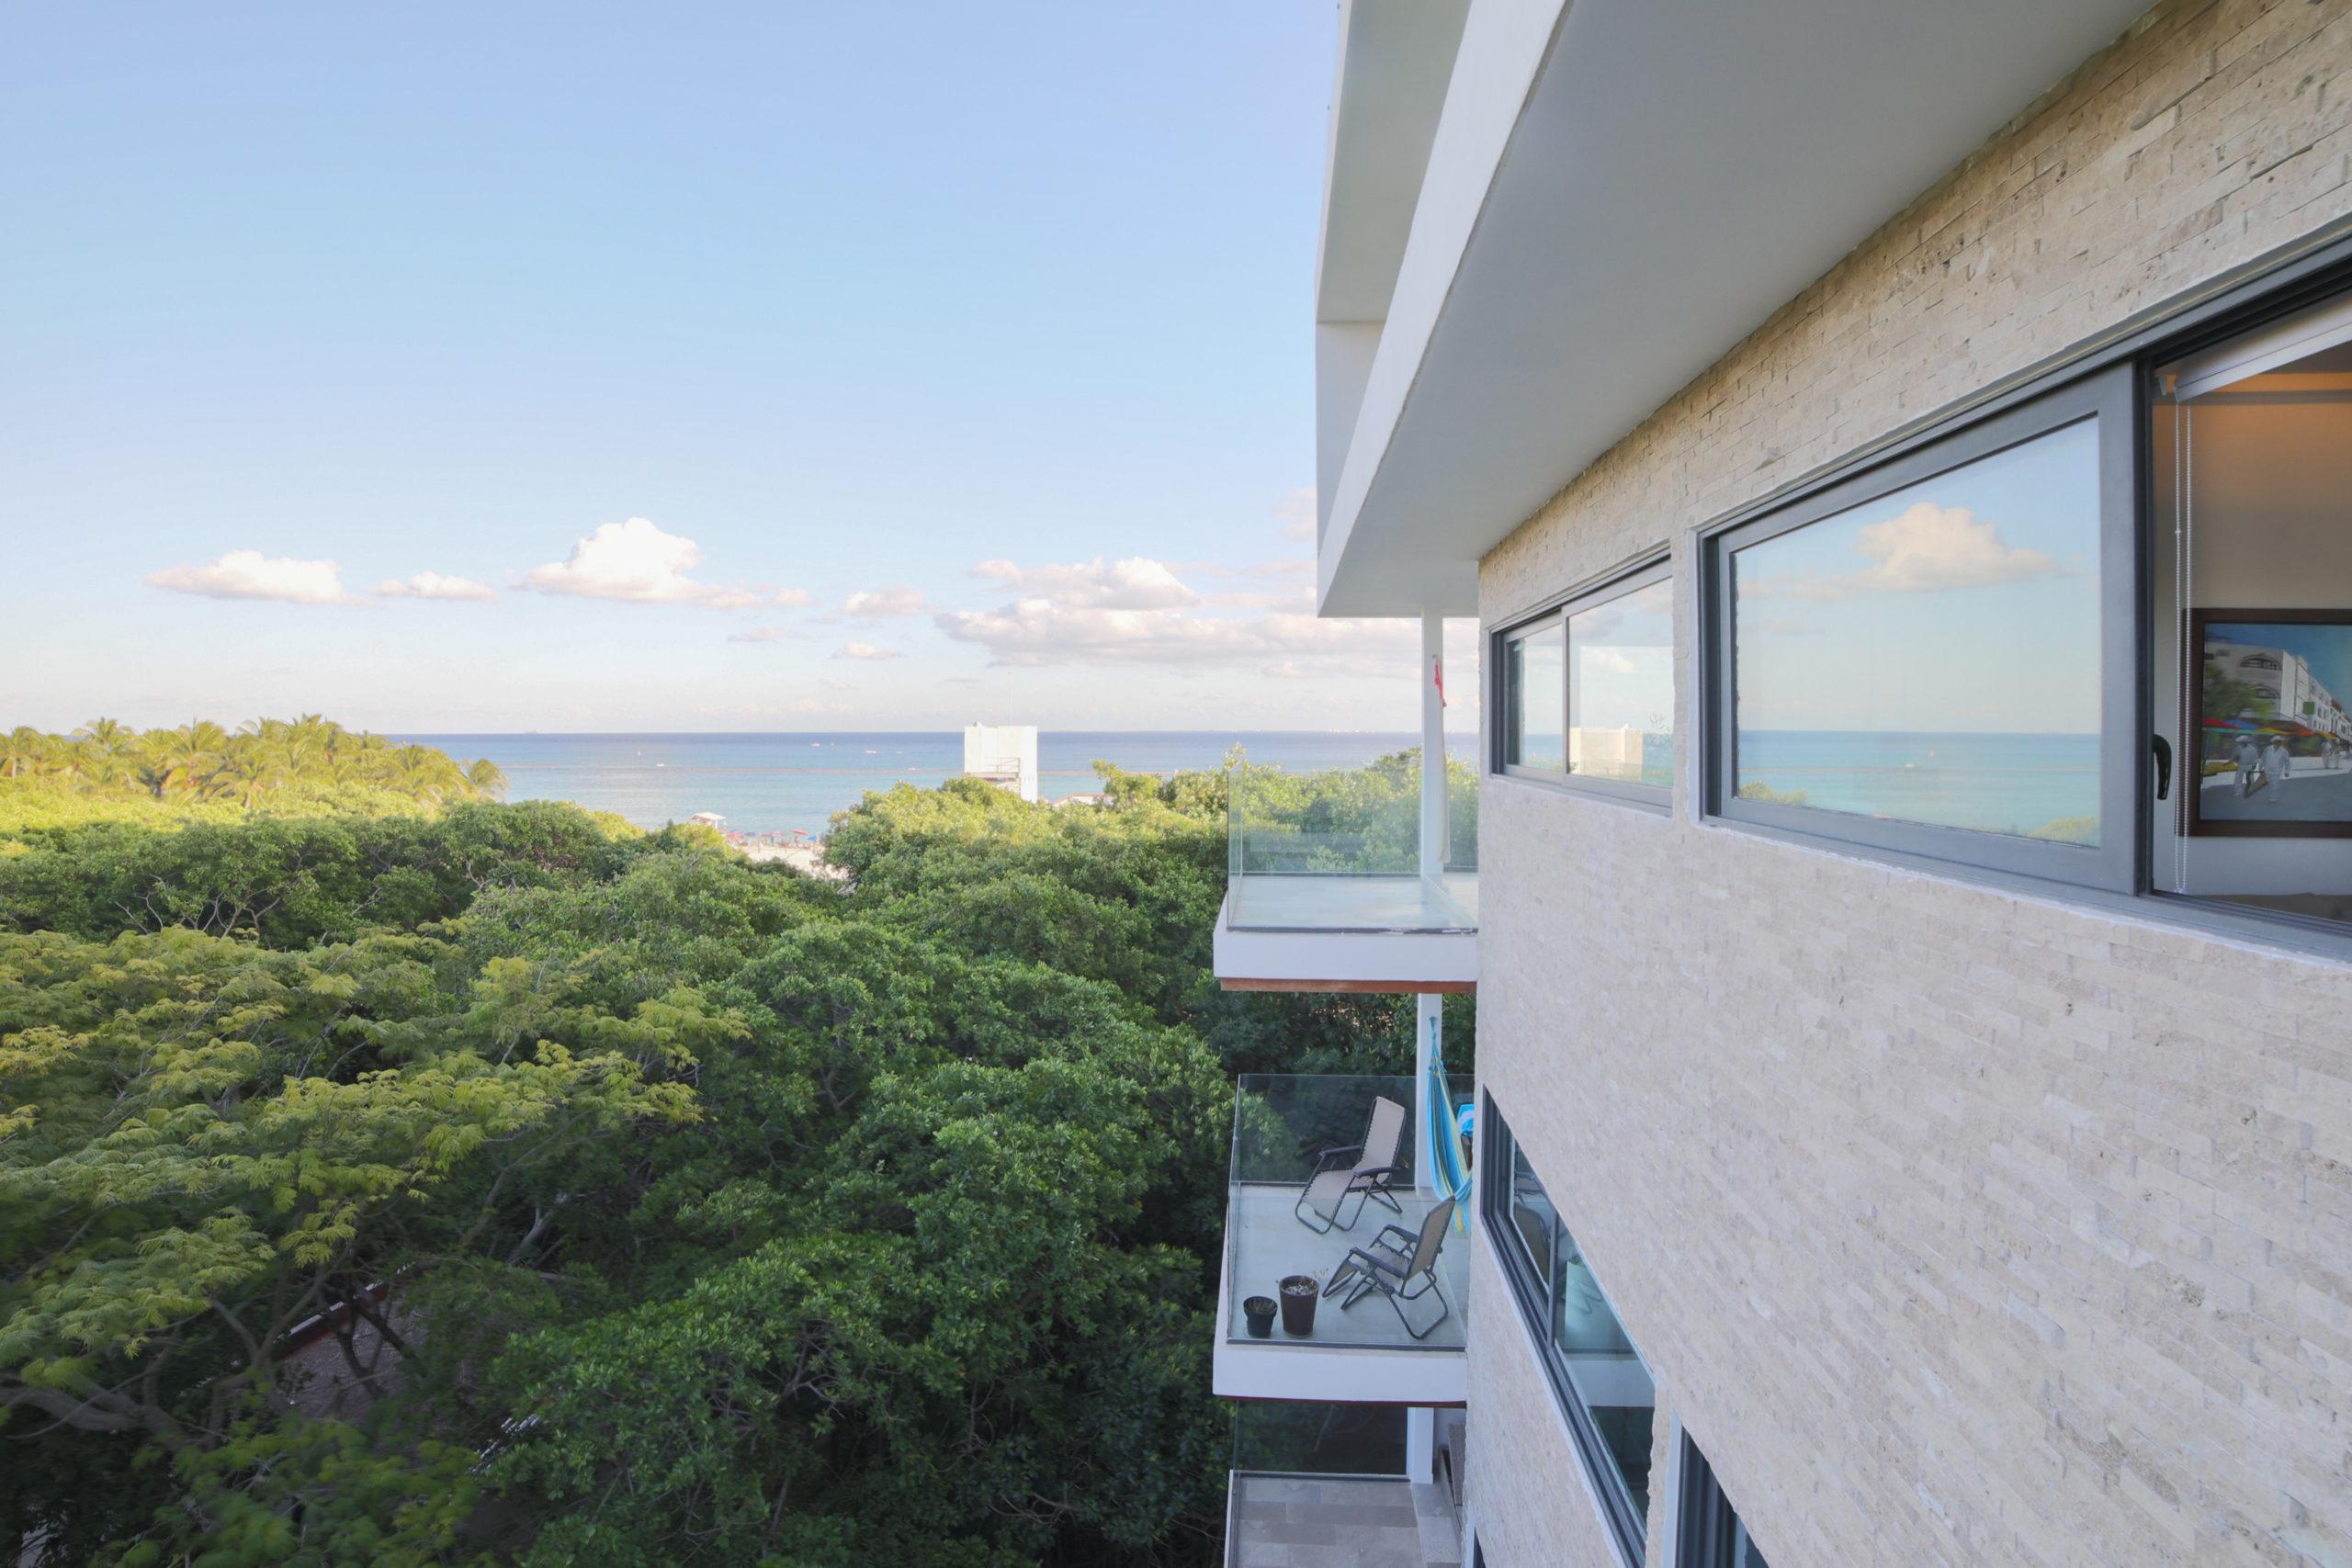 2 bedroom condo ocean and jungle view